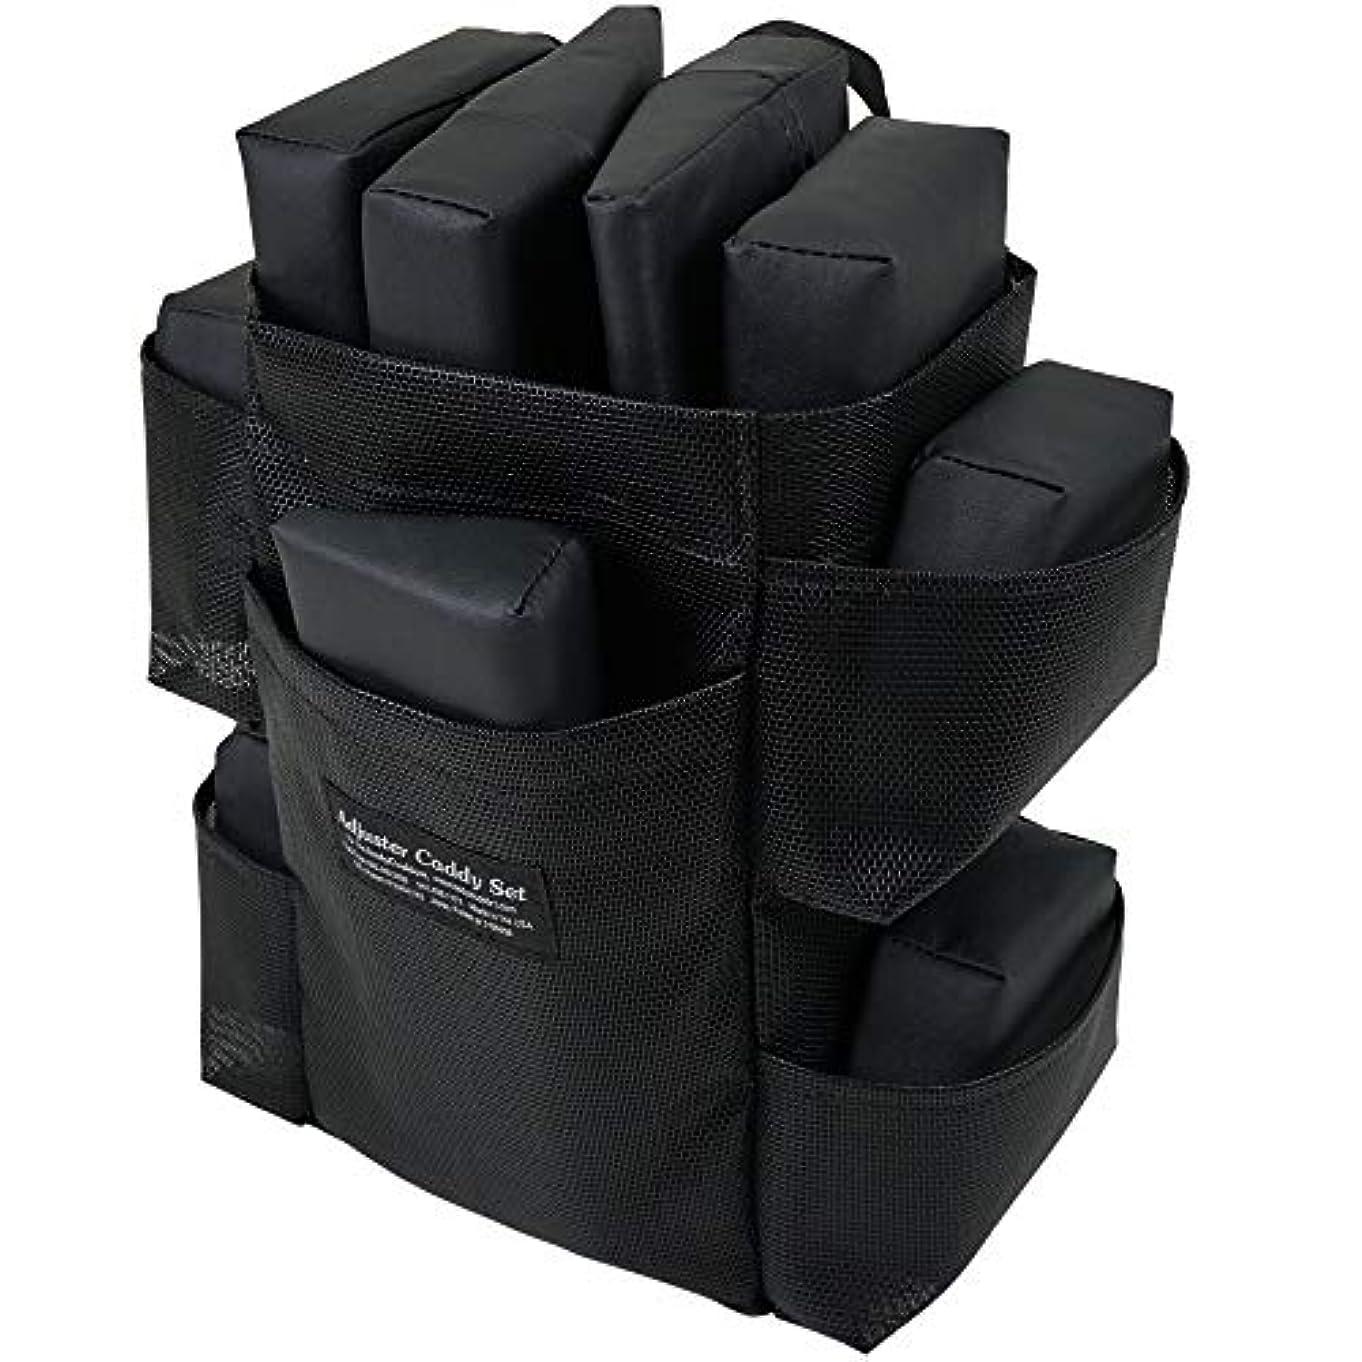 用心深い徹底荒らすピースバッグセット ボディークッション 用 の エクステンダーピース と アジャスターピース バッグ付き